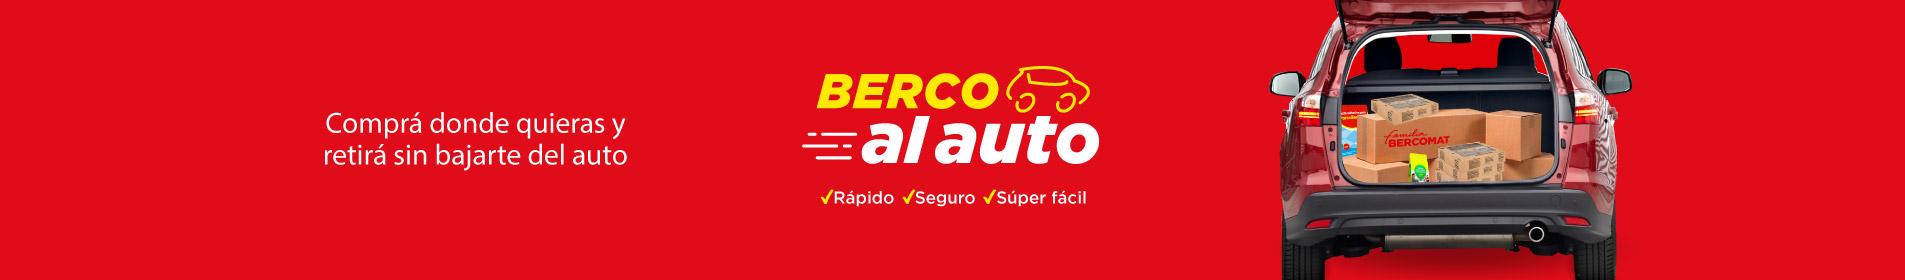 """""""Berco al Auto"""" la innovadora propuesta de Familia Bercomat"""